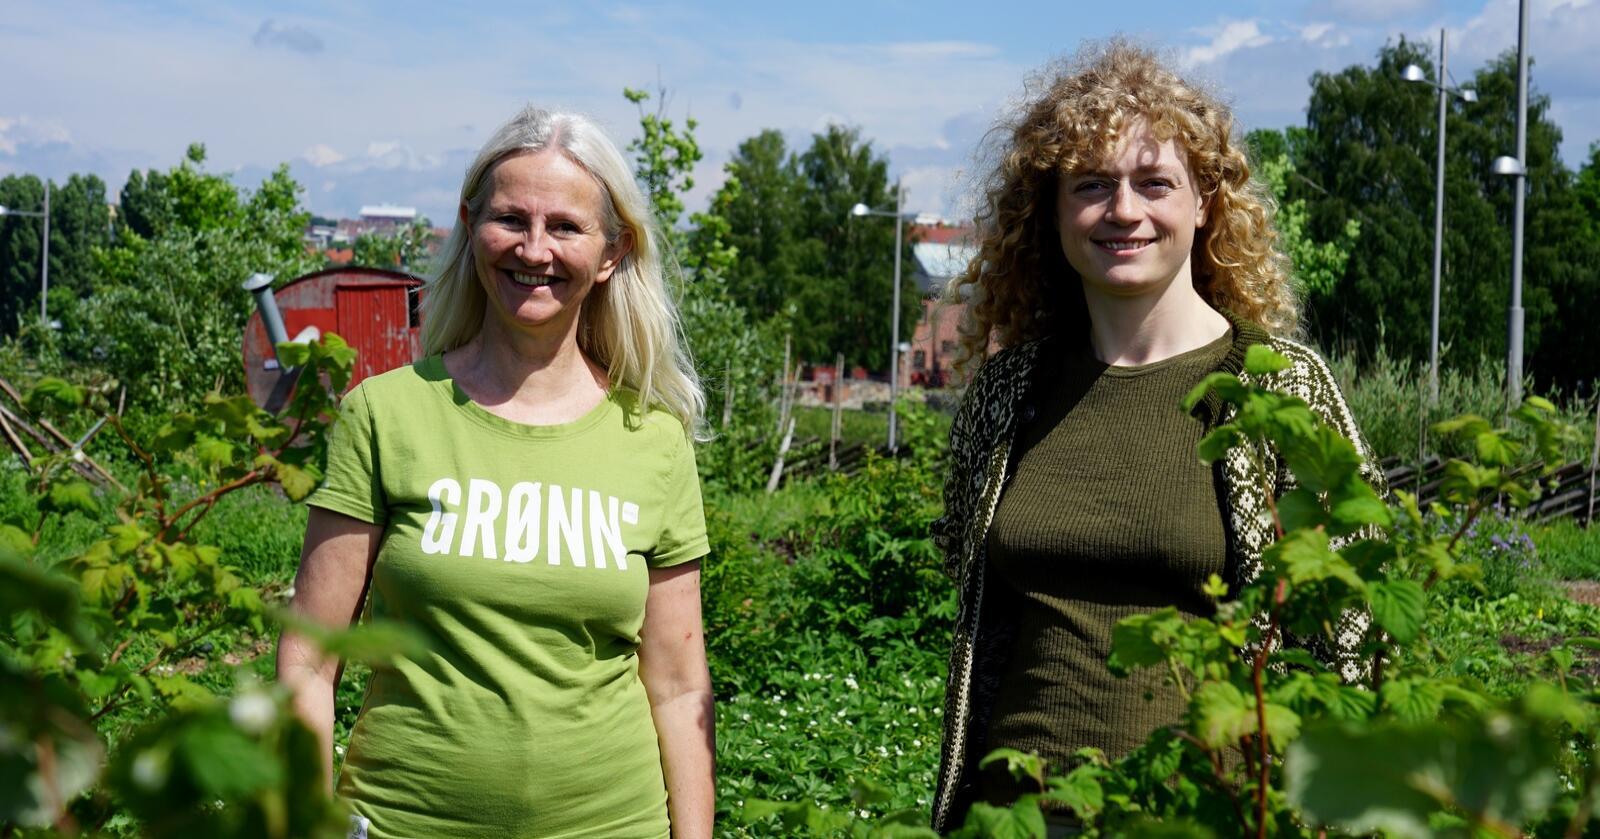 Benedicte Lund og Margit Fausko, toppkandidater til Stortinget for MDG i henholdsvis Østfold og Buskerud presenterte Miljøpartiet de Grønnes alternative jordbruksoppgjør tirsdag. Foto: Lars Bilit Hagen